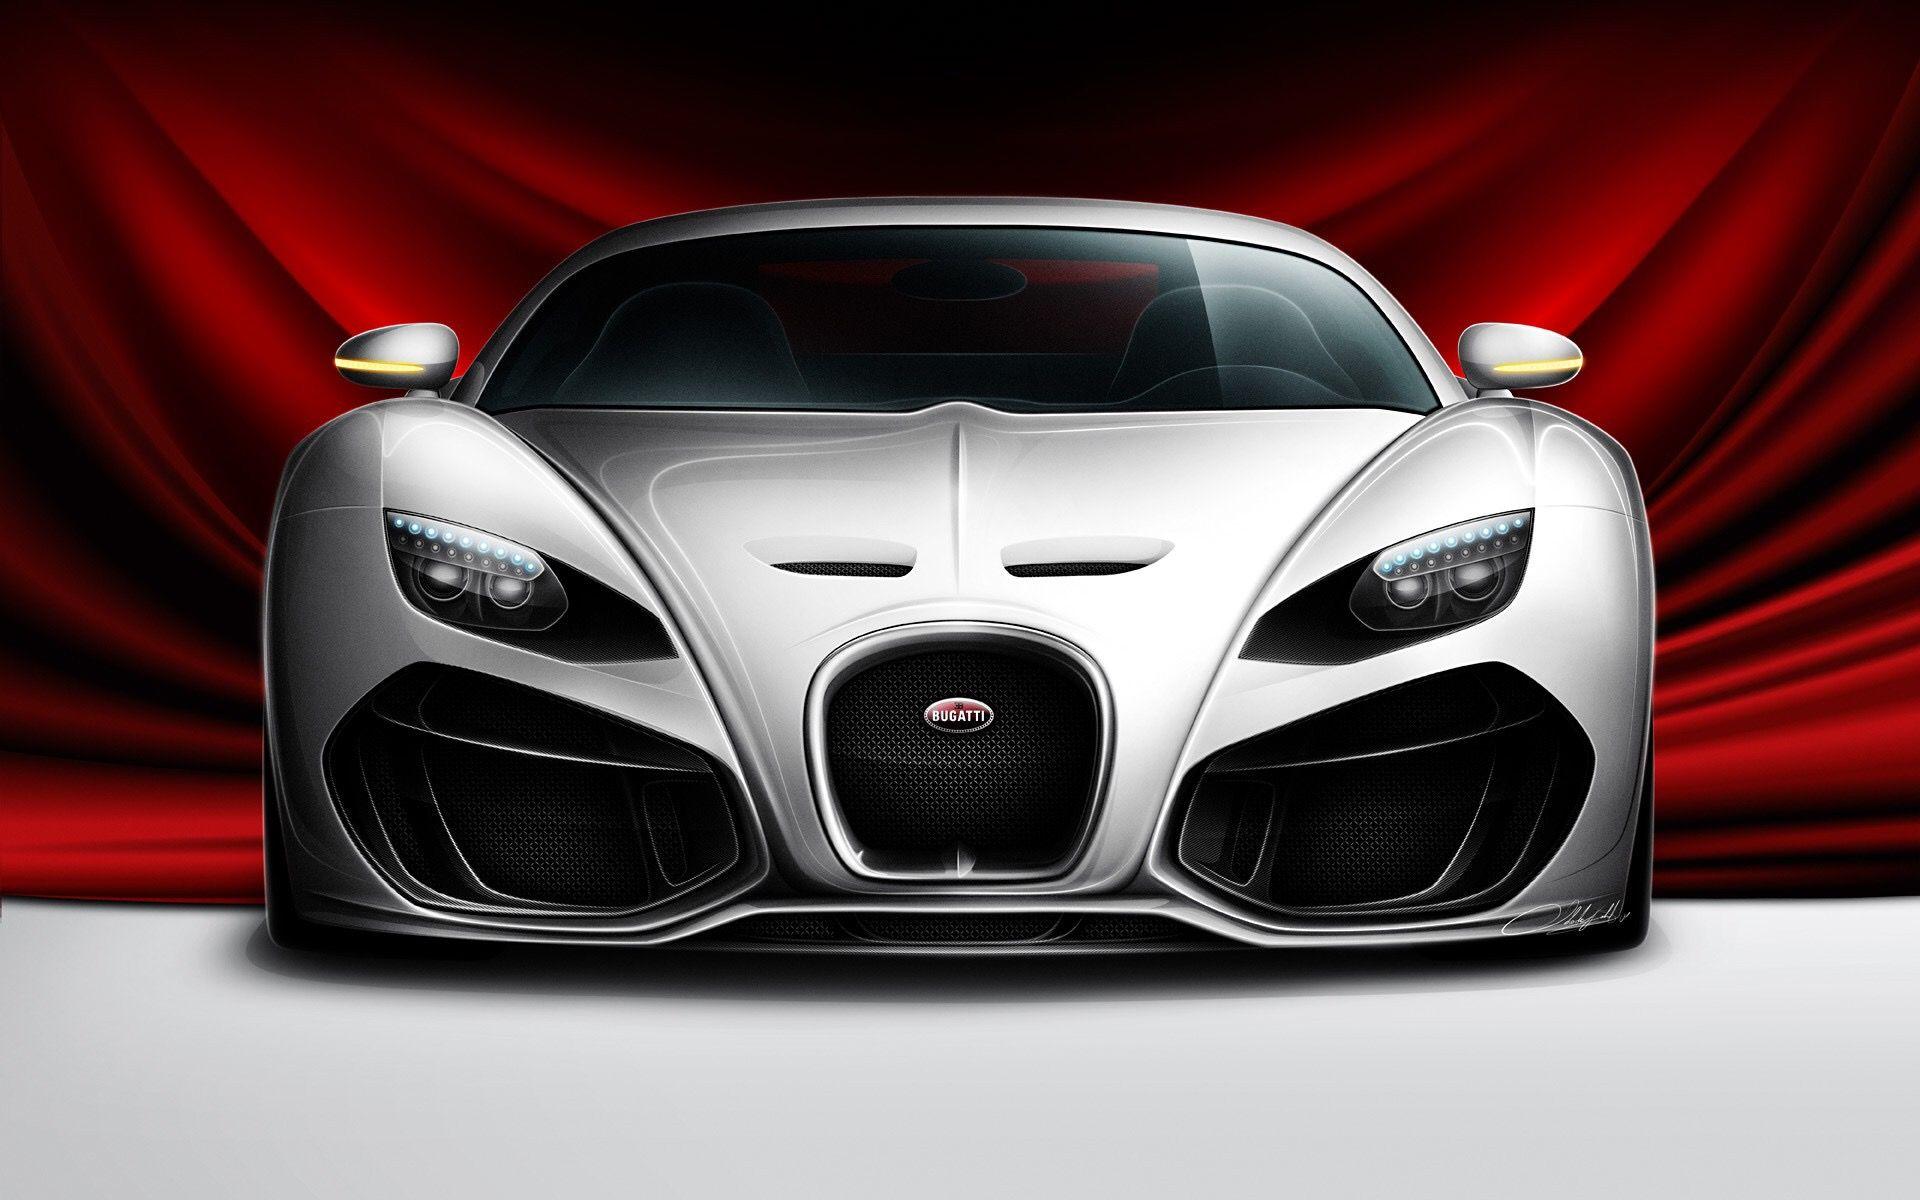 932ed9bec049ce74e6c4e1cbde6676ca Modern Bugatti Veyron Price and Pictures Cars Trend